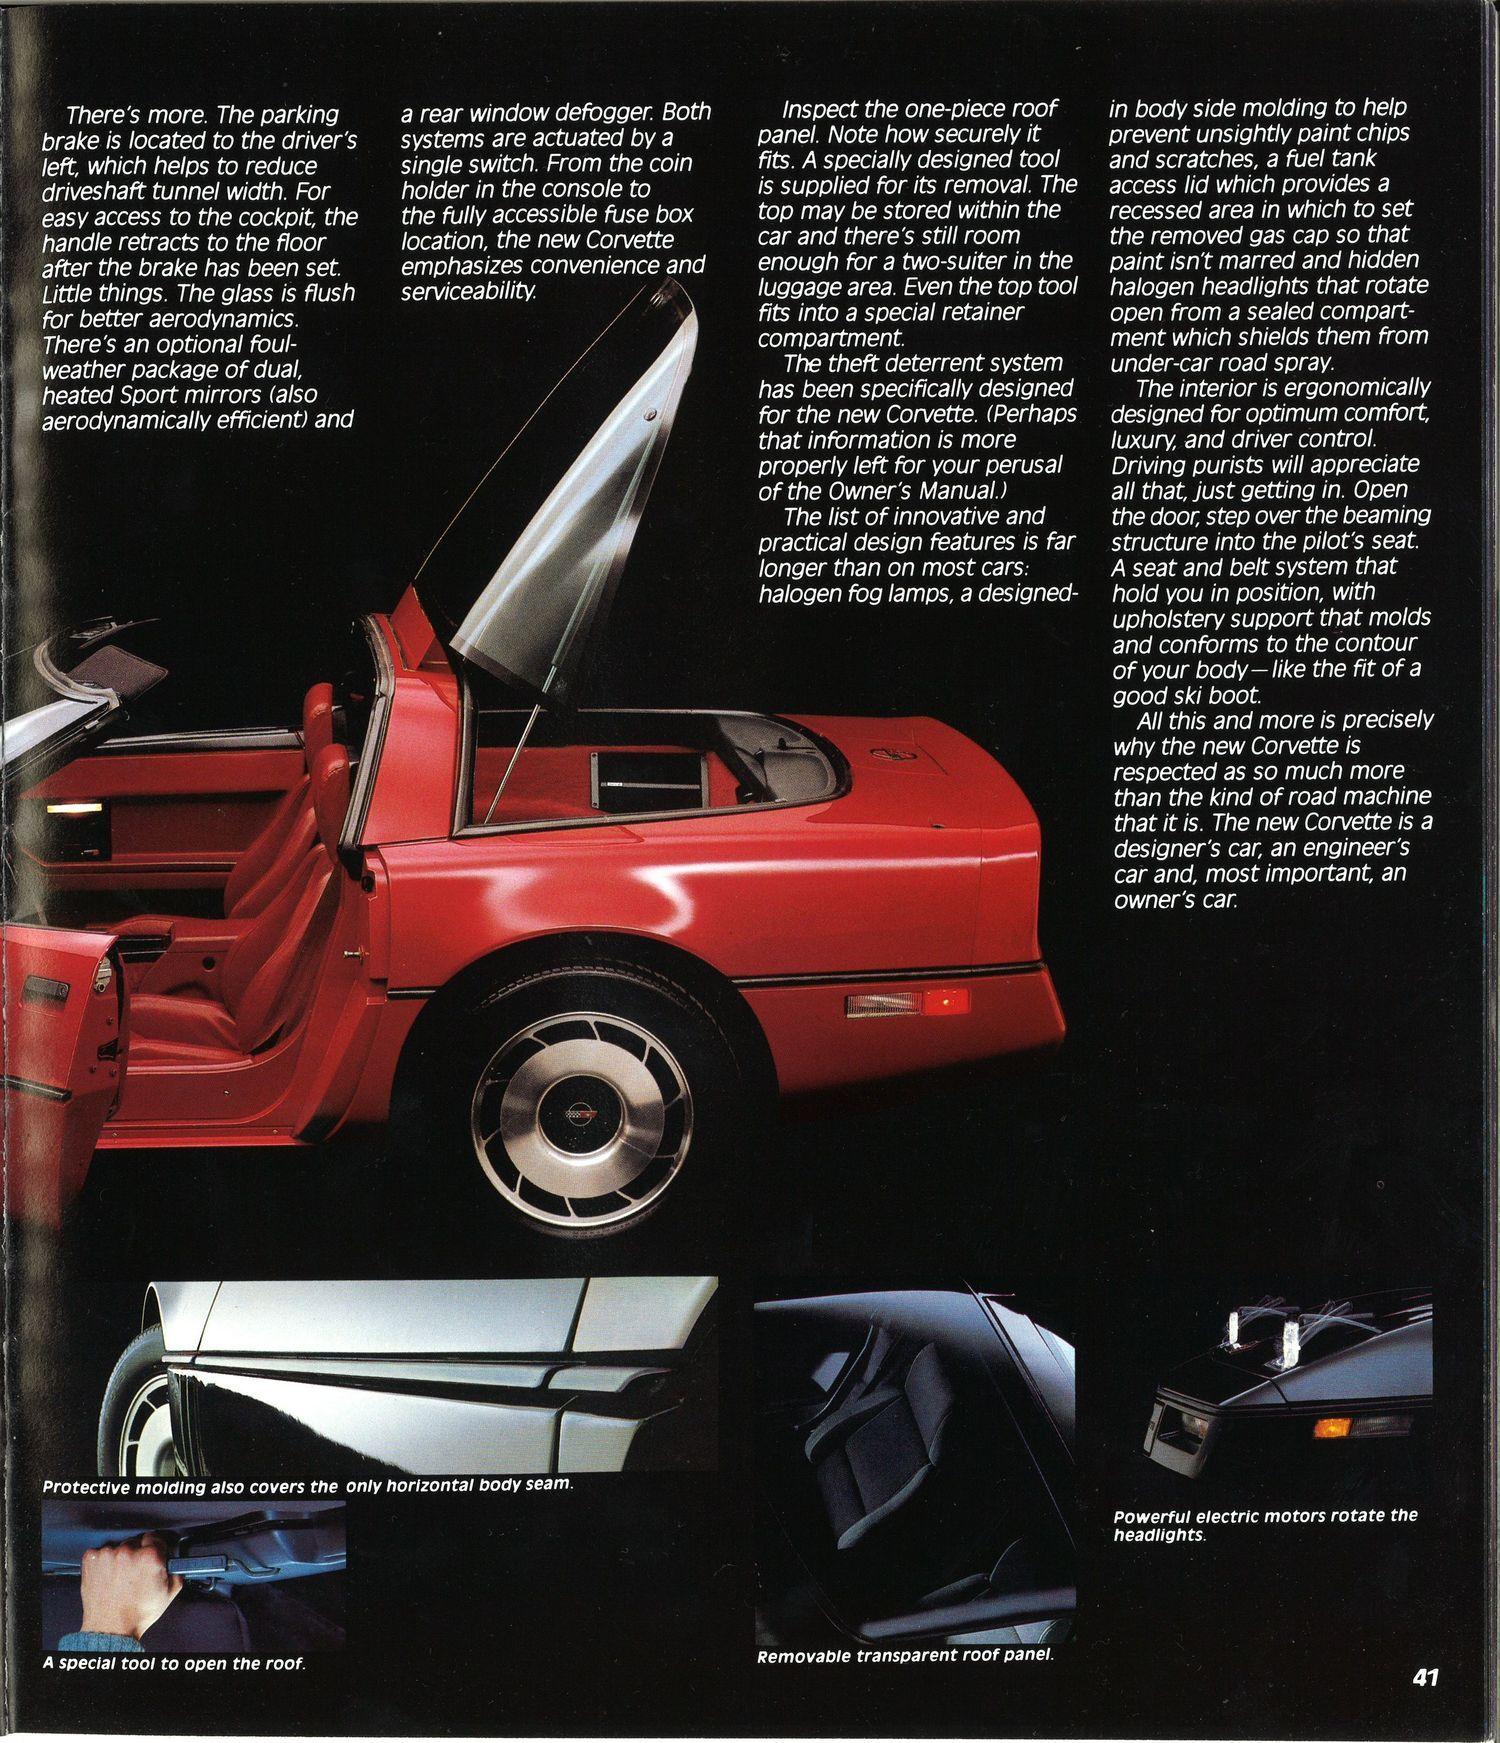 Http Assets Blog Hemmings Com Wp Content Uploads 2015 02 C25 Jpg Chevrolet Corvette Corvette Chevrolet Corvette C4